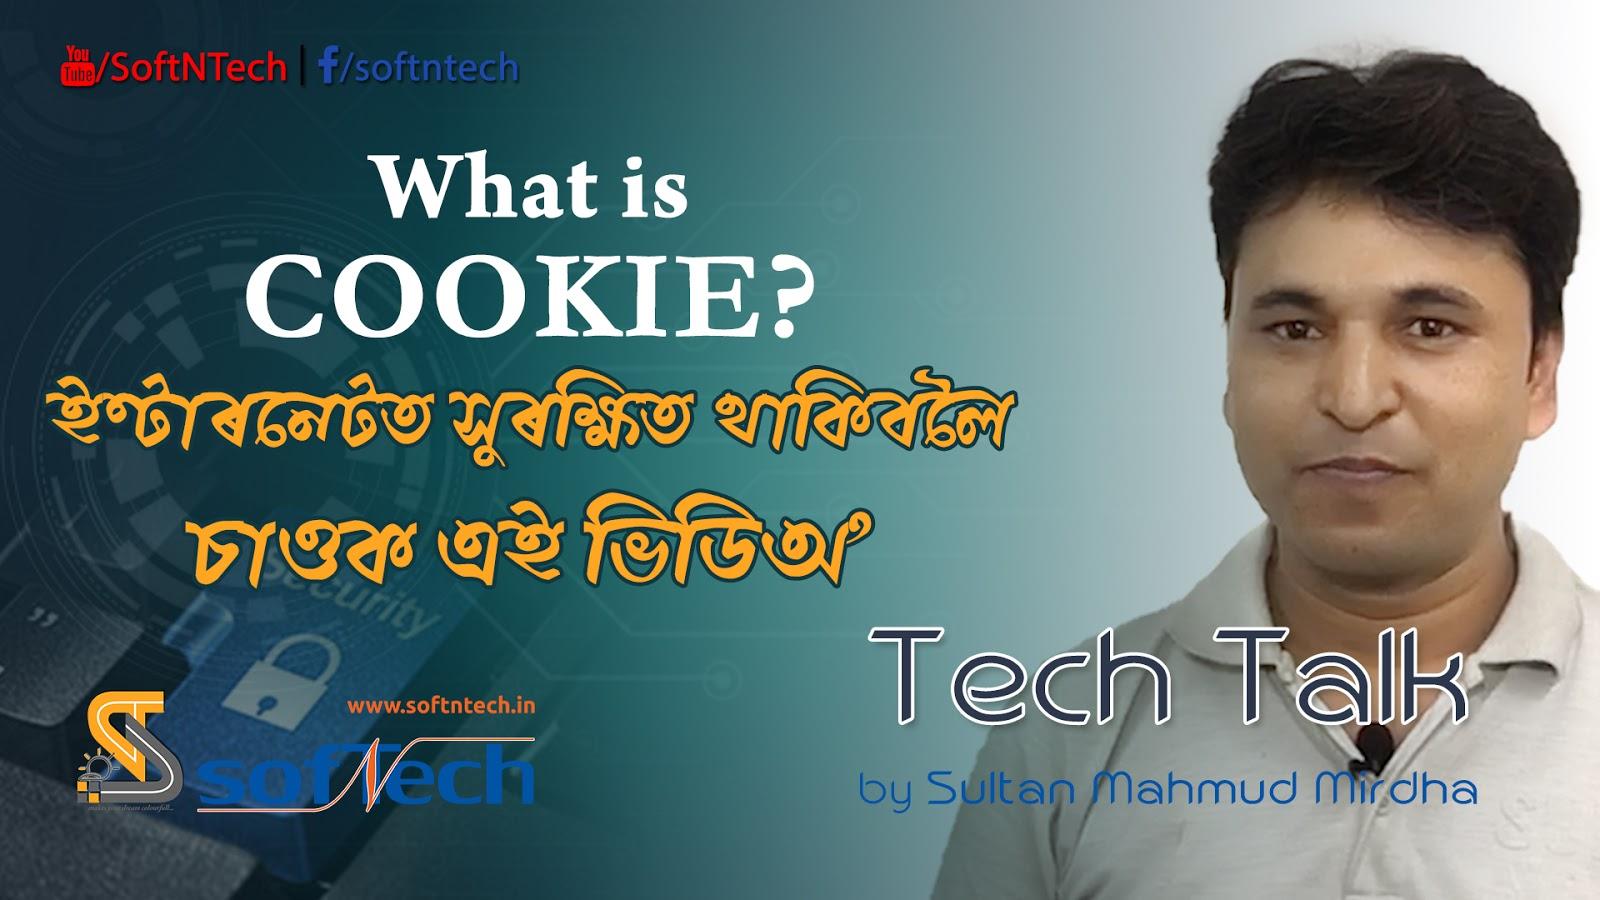 Tech Talk #7 | What are Cookie? Cookie কি? আমাৰ বাবে উপকাৰী নে অপকাৰী?